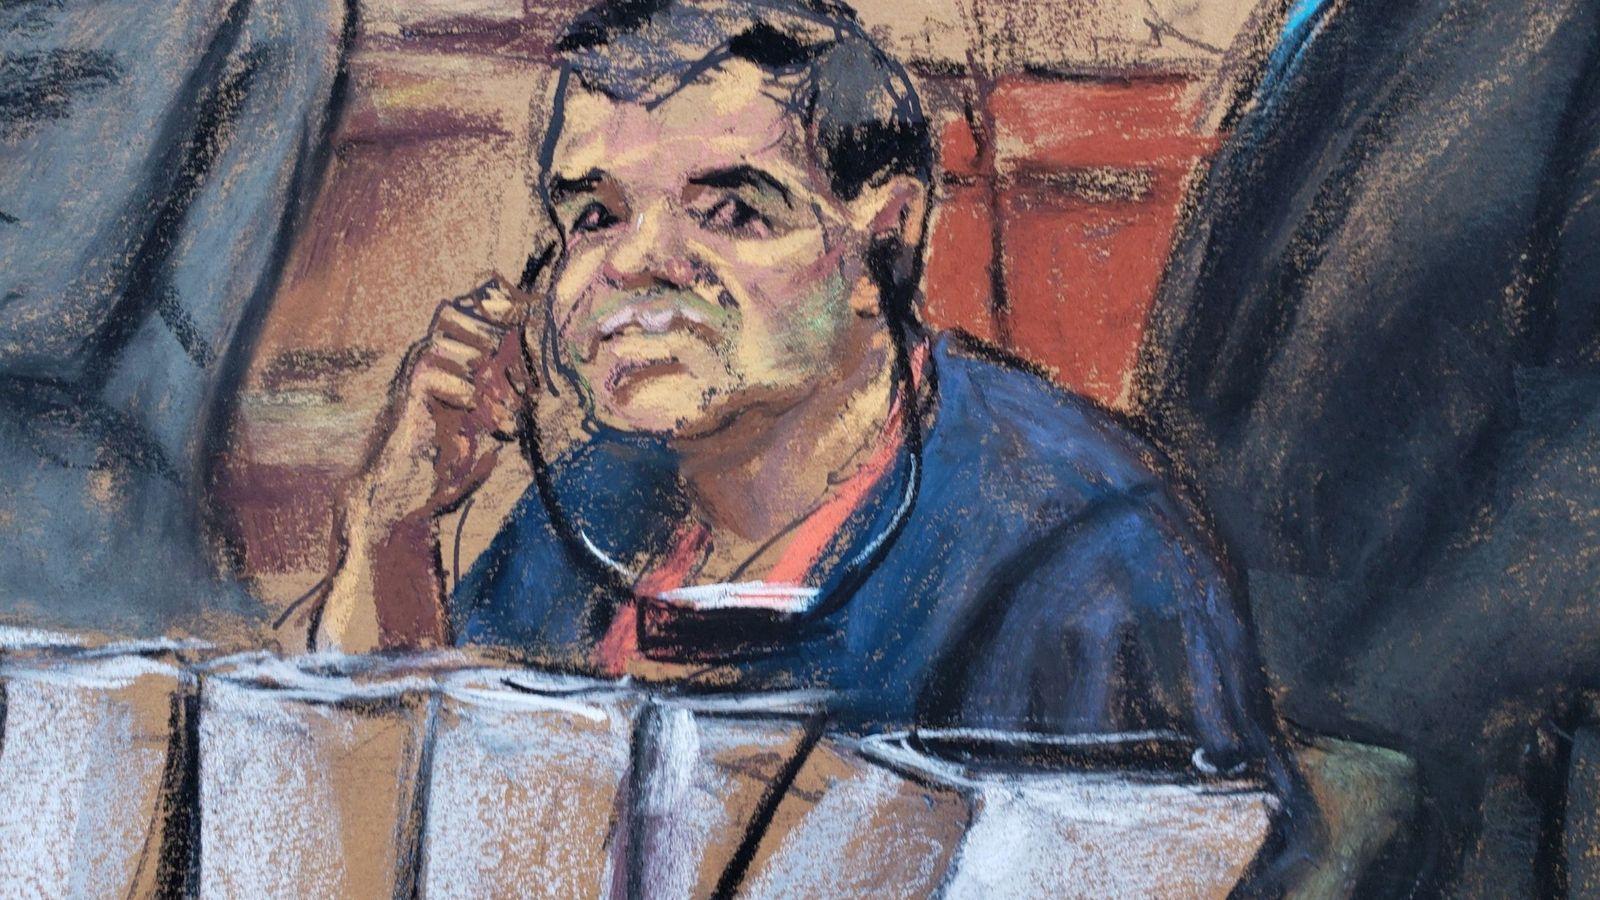 Foto: El narcotraficante mexicano Joaquín 'El Chapo' Guzmán durante su comparecencia ante un juez de la corte del distrito sur en Brooklyn. (EFE)